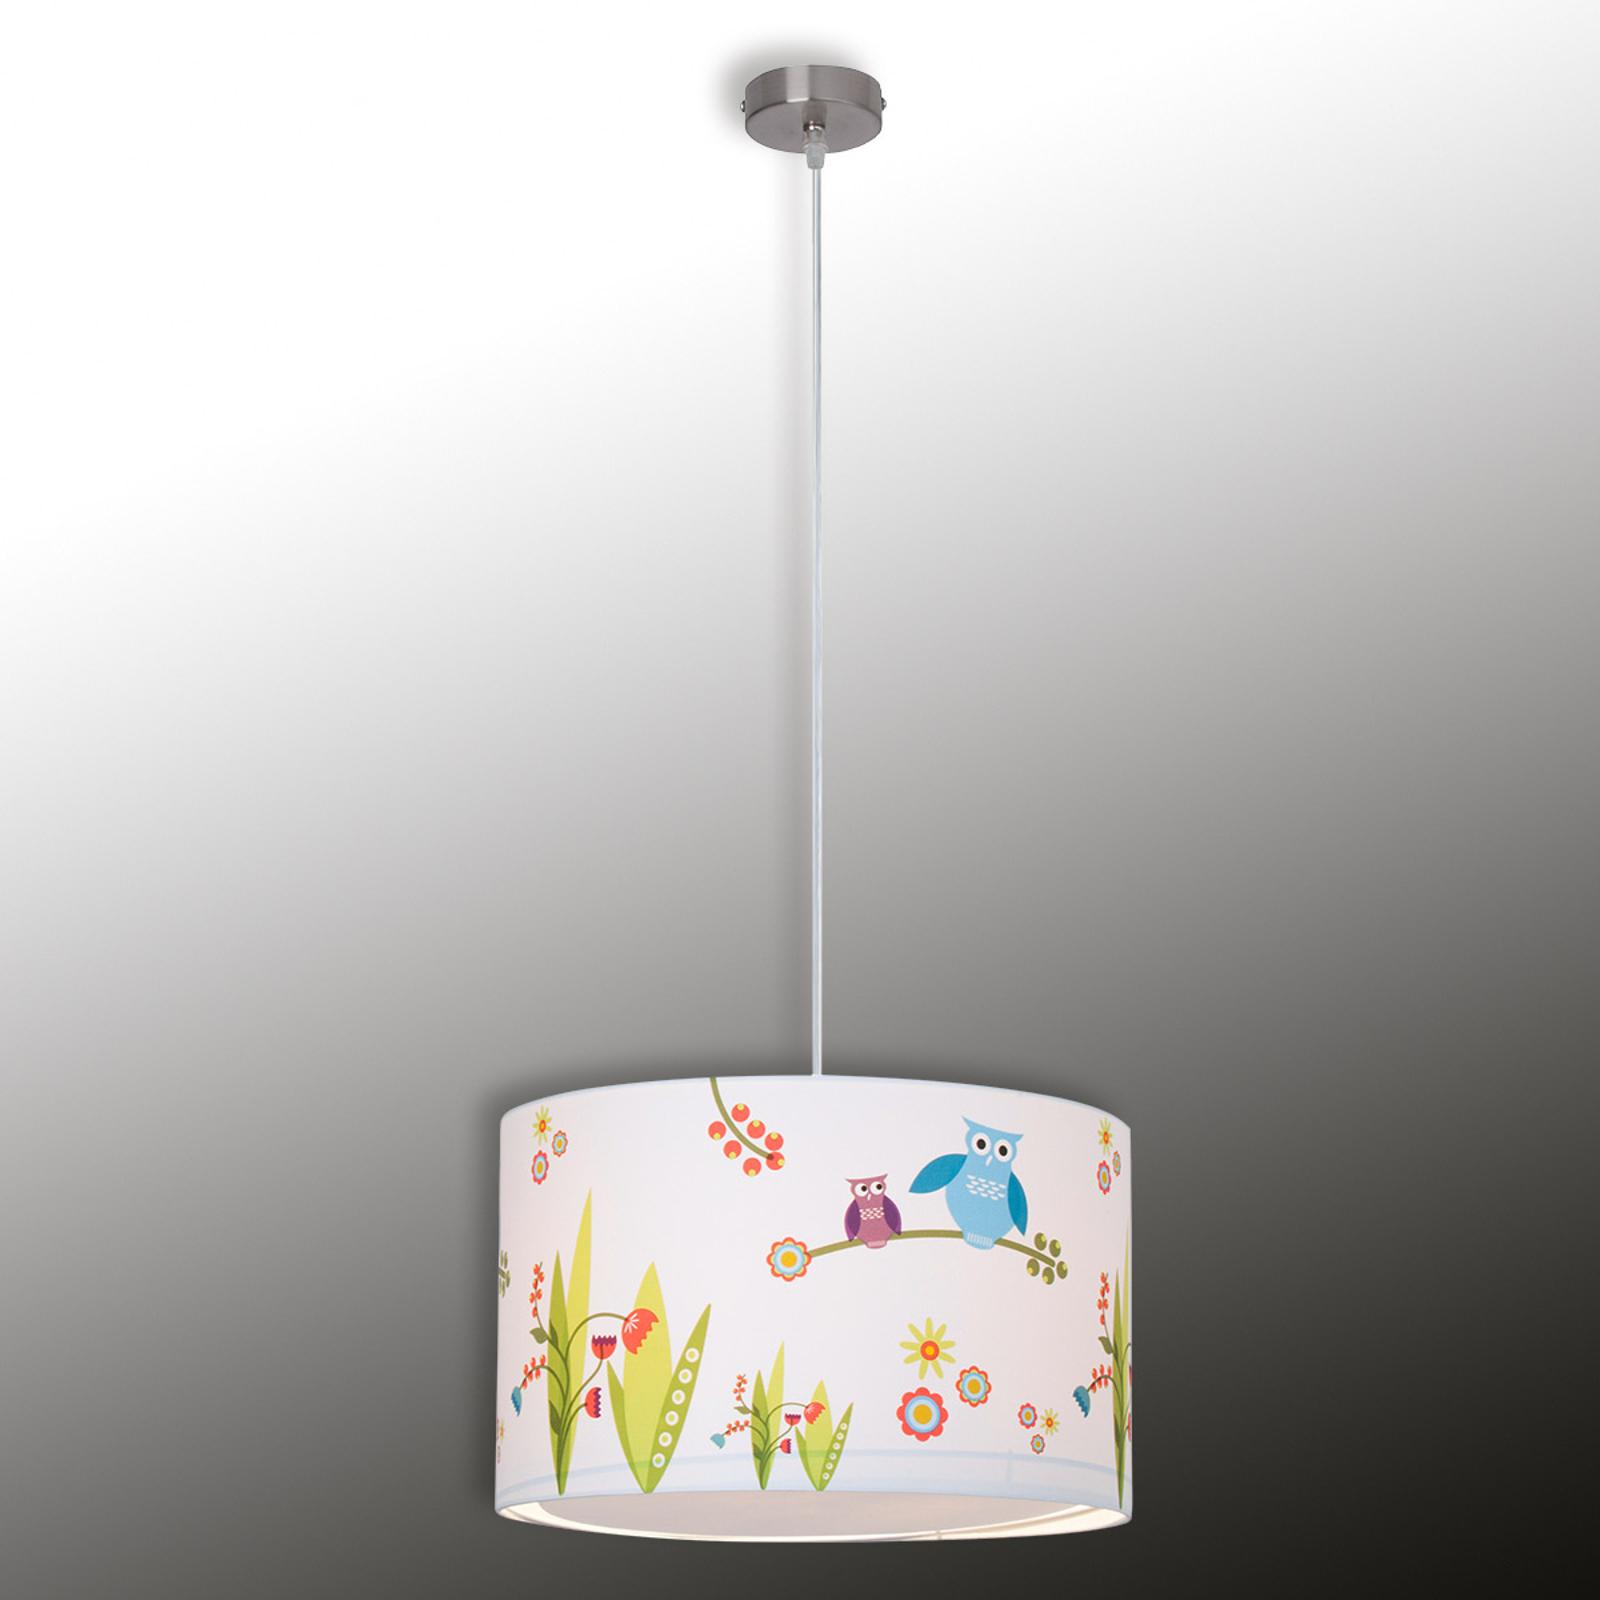 Kinderzimmer-Hängeleuchte Birds